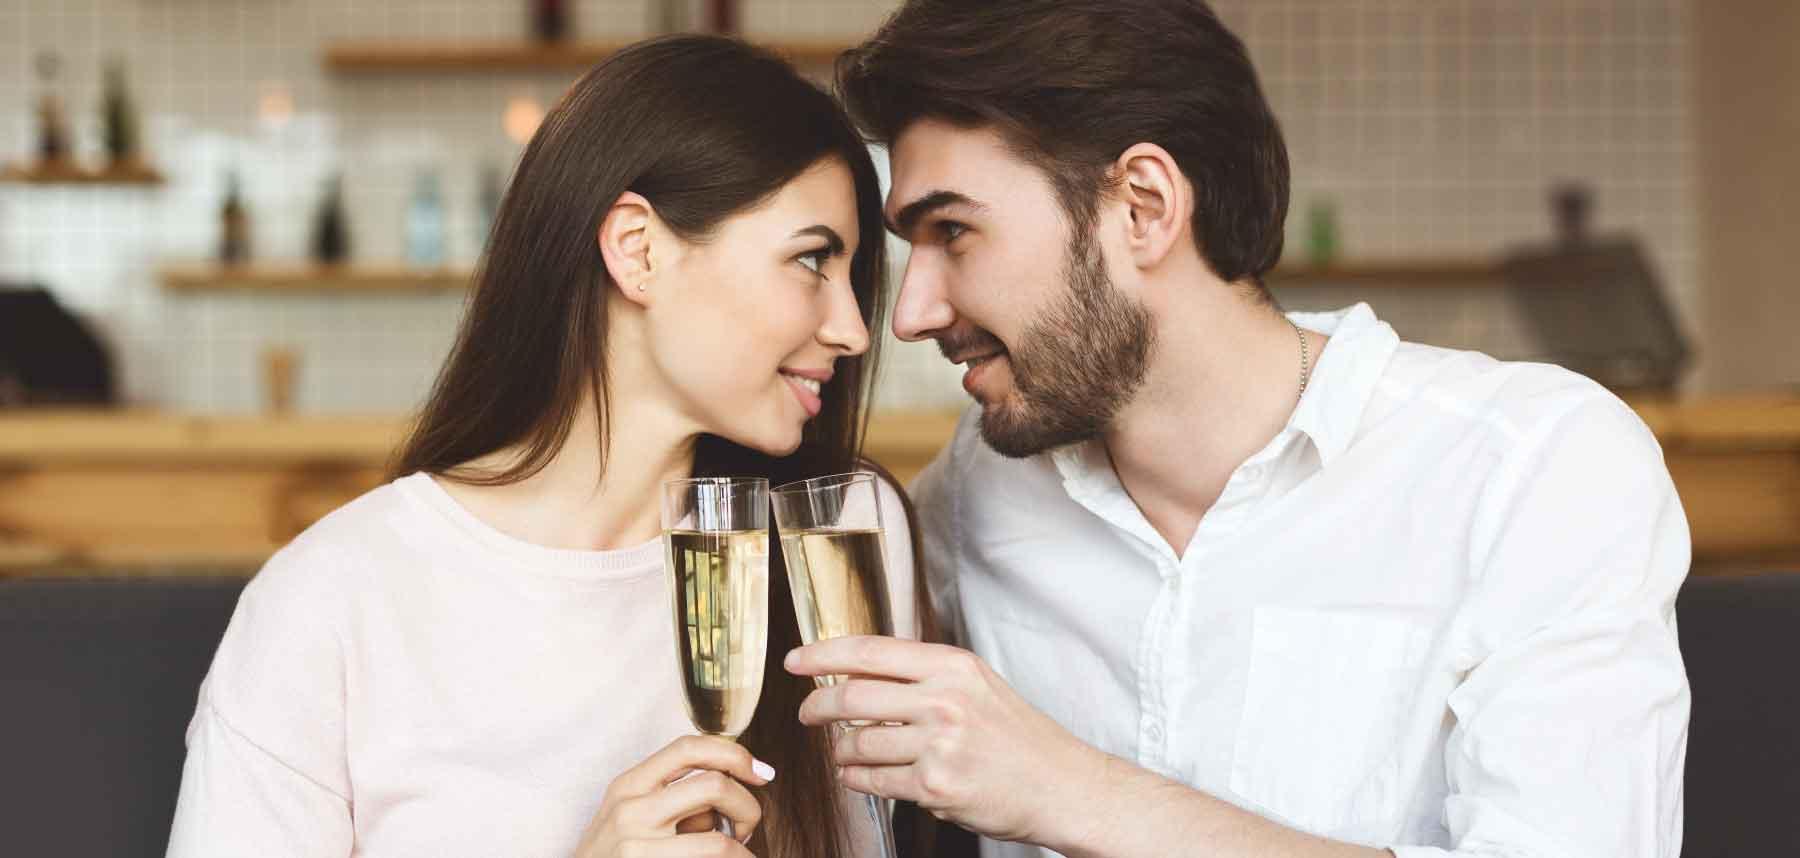 AMORE E SCIENZA Simona Muscari specializzata in MatchMaking tra coppie di alto livello Luxury Italy